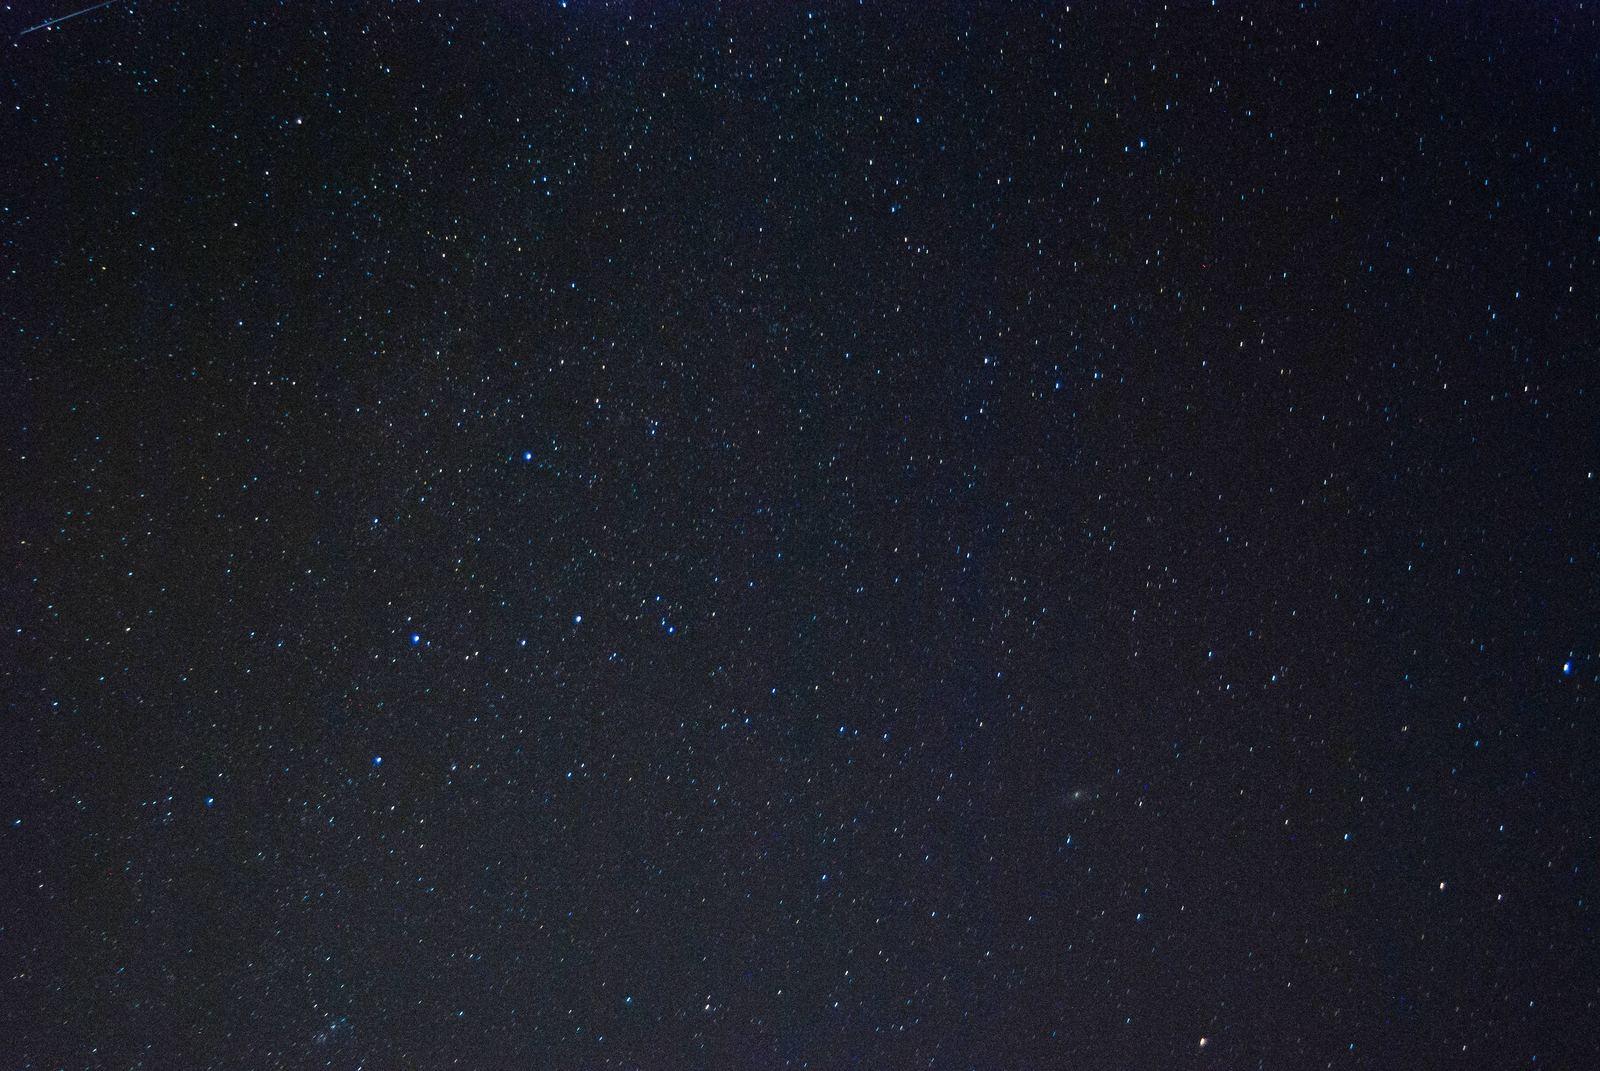 звездное небо фотошоп